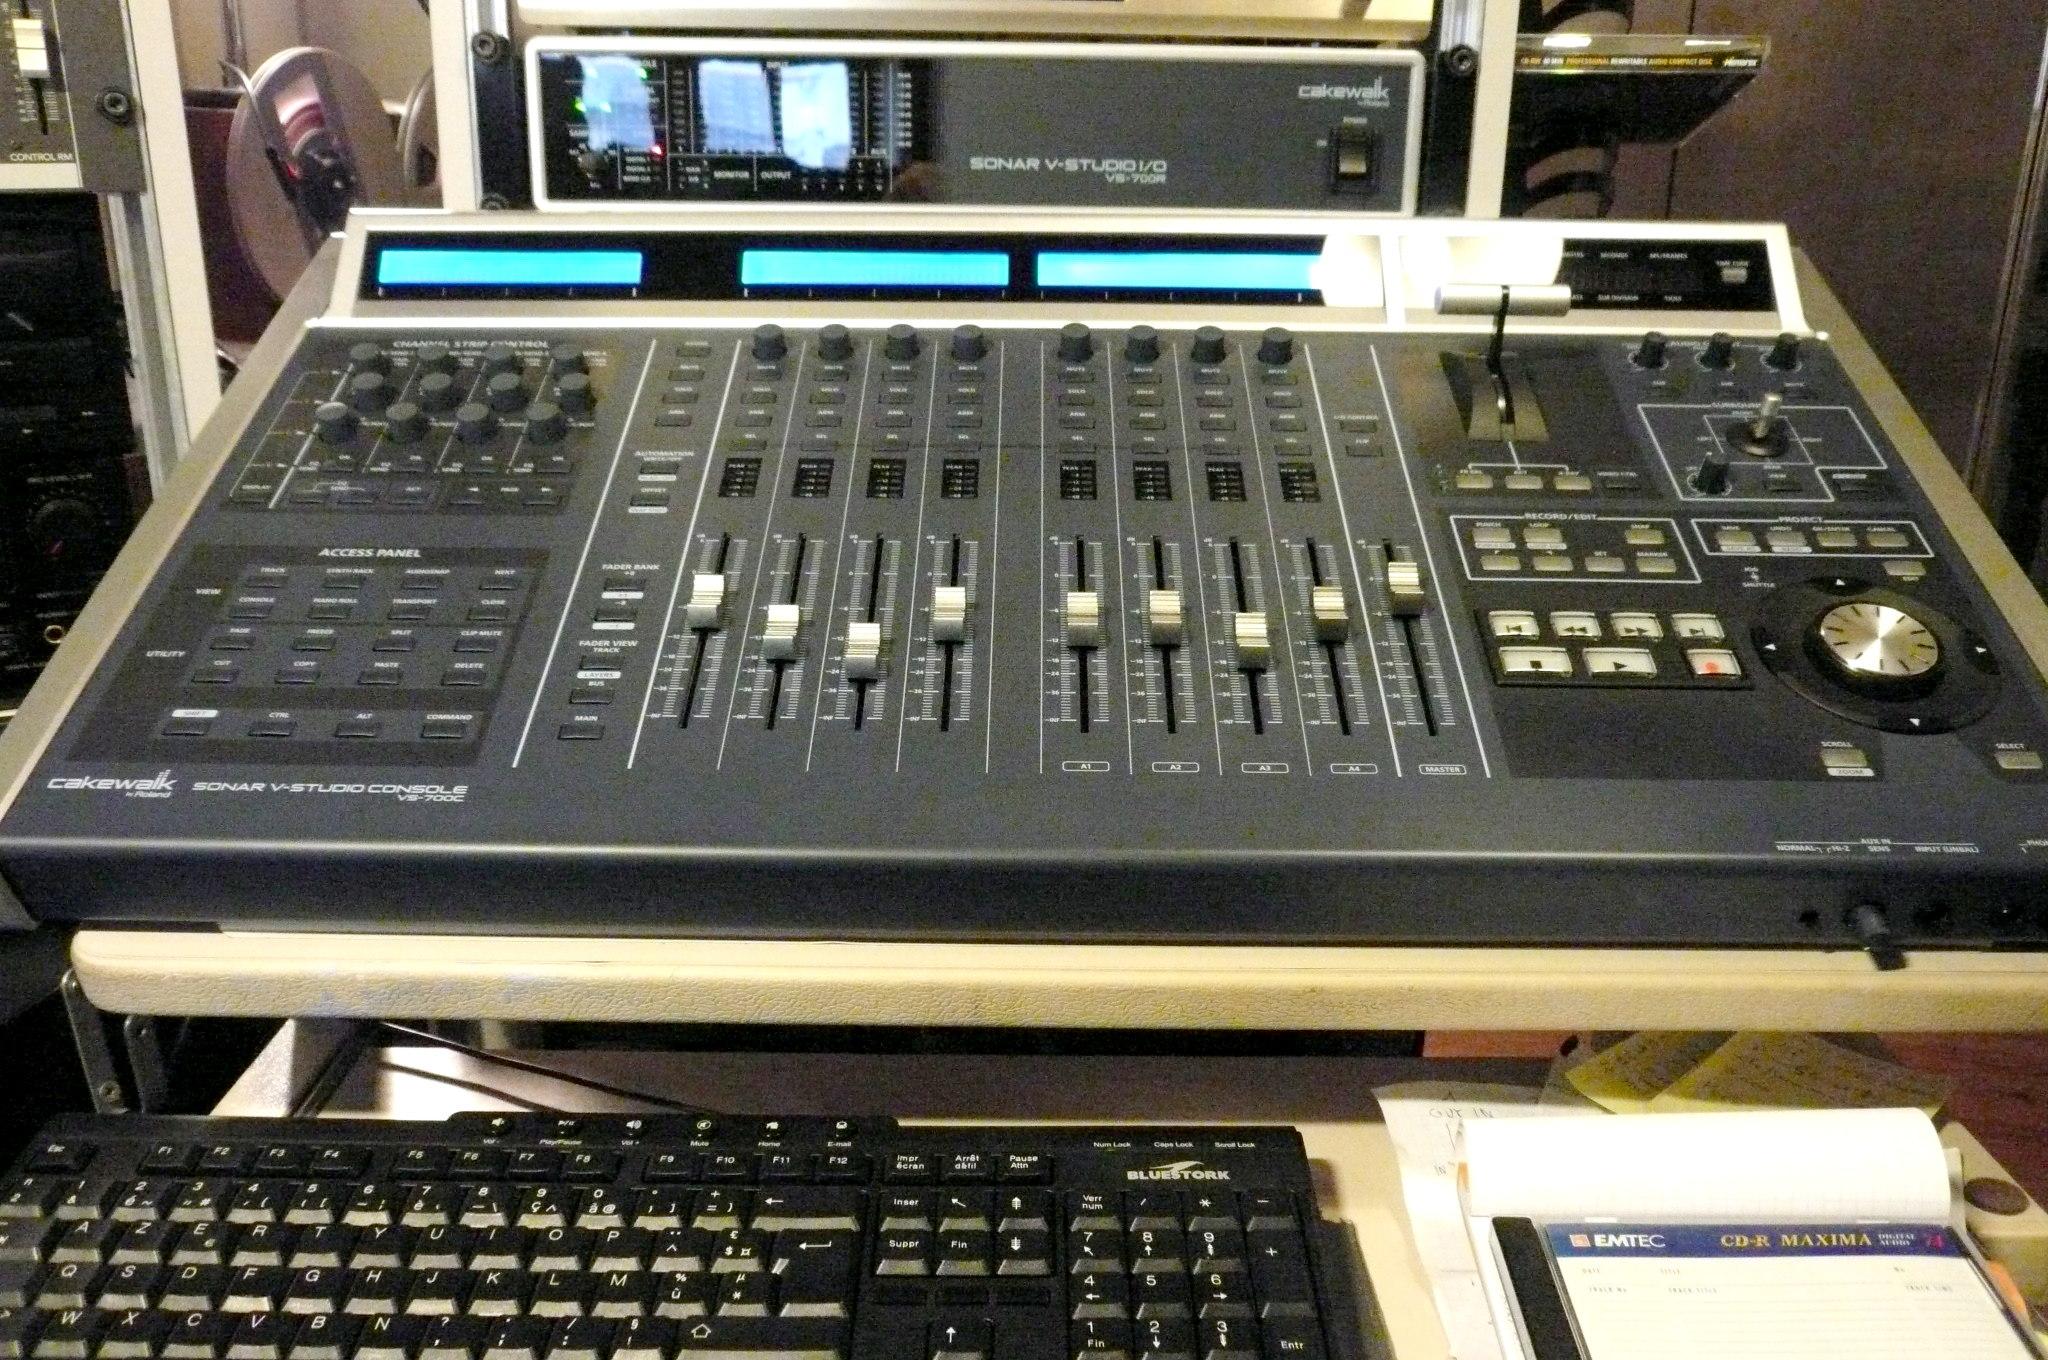 cakewalk sonar v studio 700 image 530275 audiofanzine. Black Bedroom Furniture Sets. Home Design Ideas